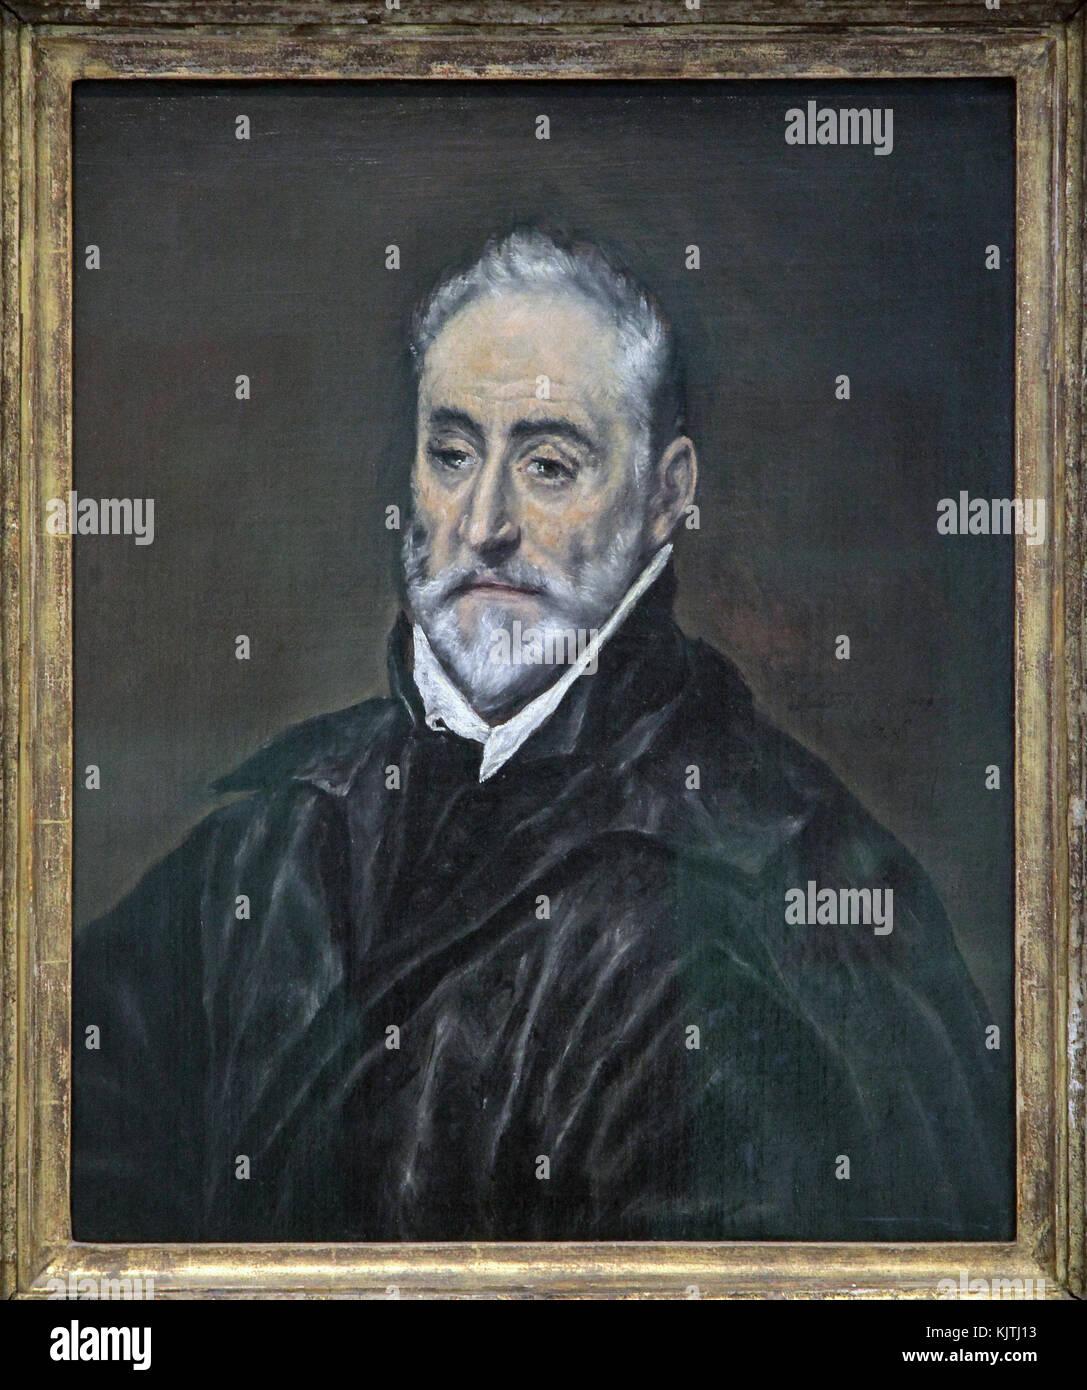 Portrait of Antonio de Covarrubias y Leiva by El Greco.Domenikos Theotocopoulos 1541-1614. - Stock Image